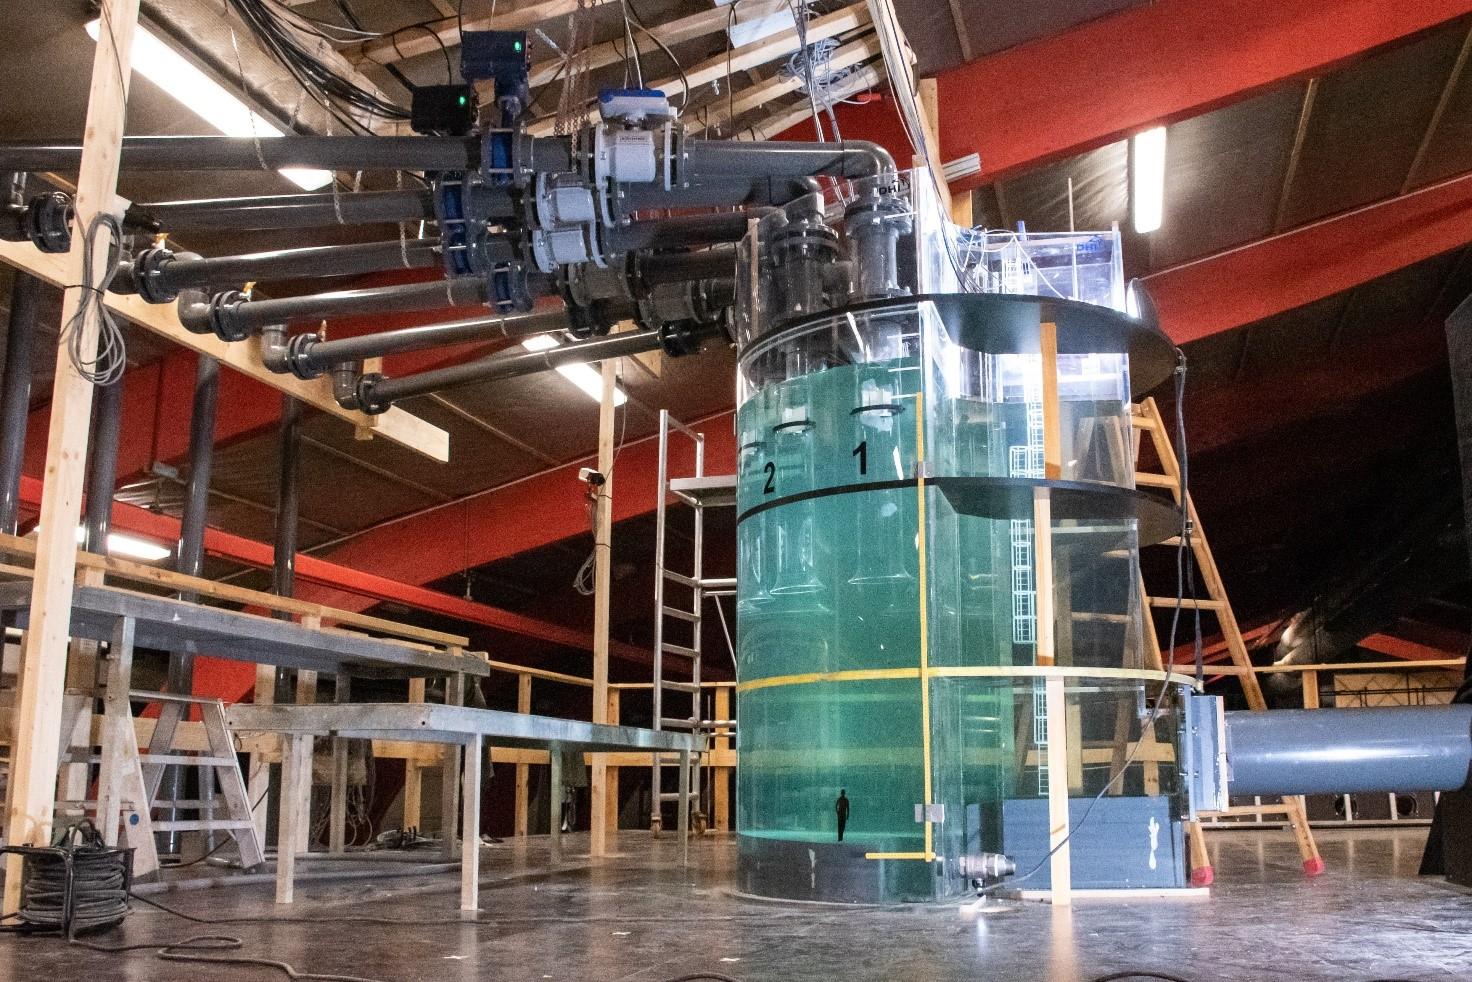 Modeltest af pumpe til Kalvebod Brygge Skybrudstunnel